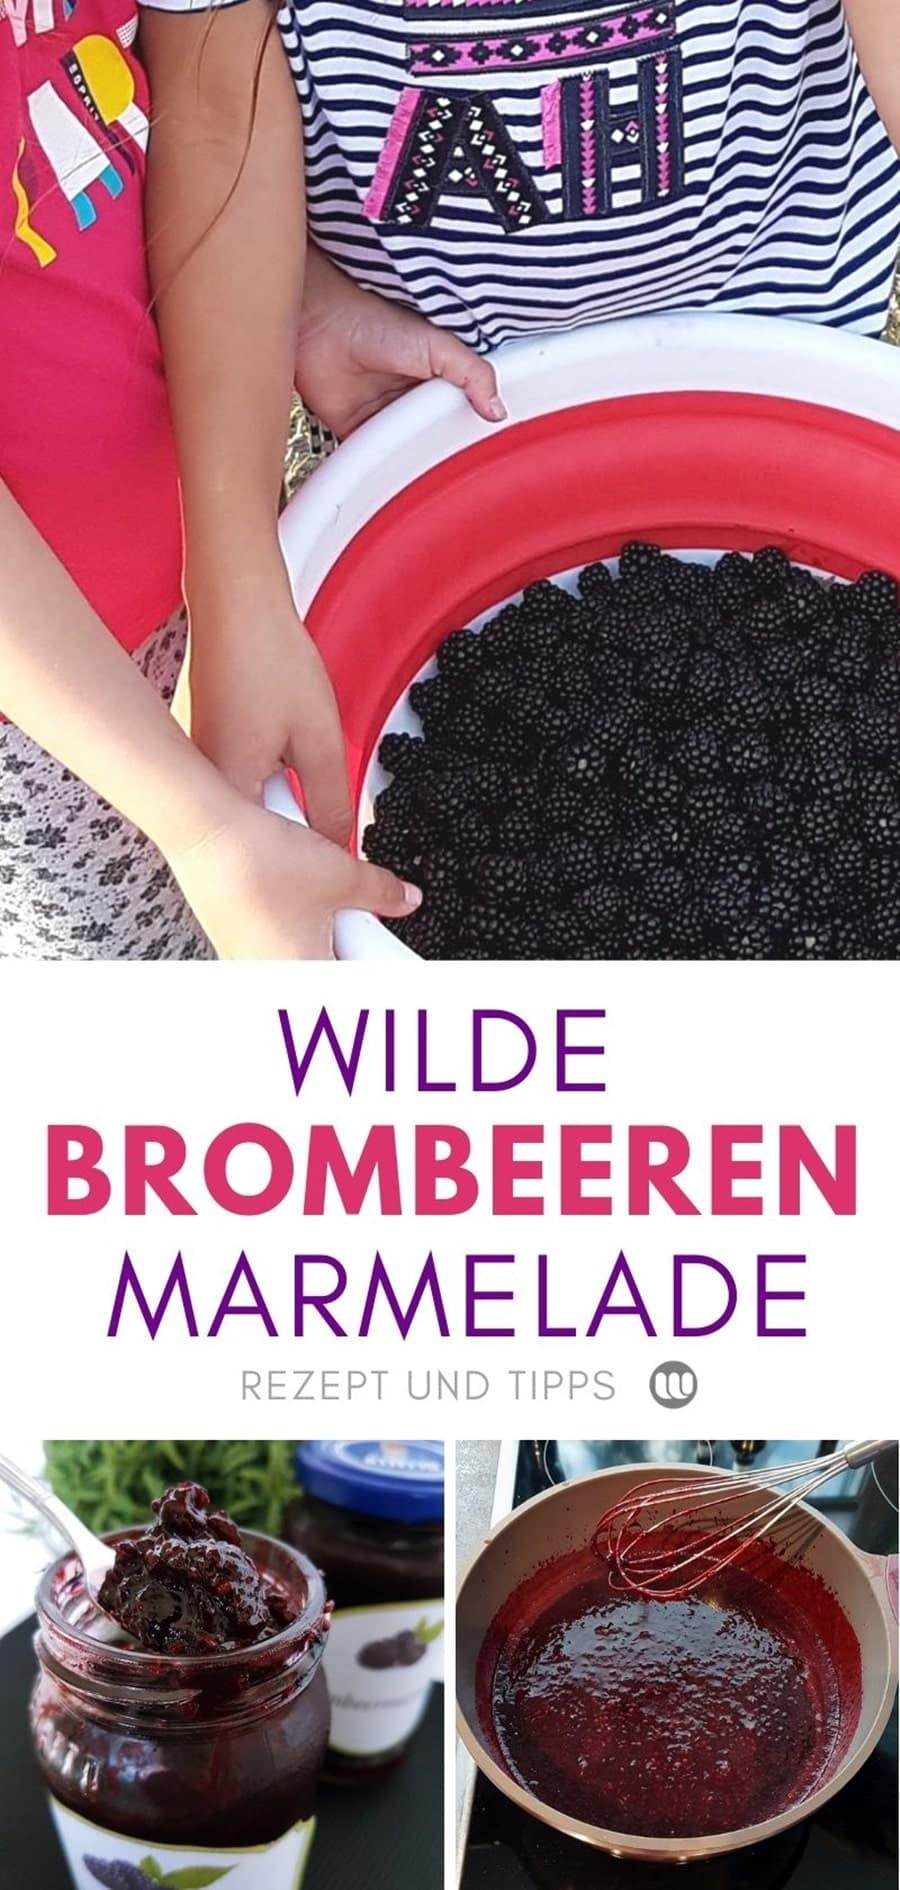 Brombeermarmelade Rezept: Brombeeren pflücken mit Kindern aus wilden Brombeeren